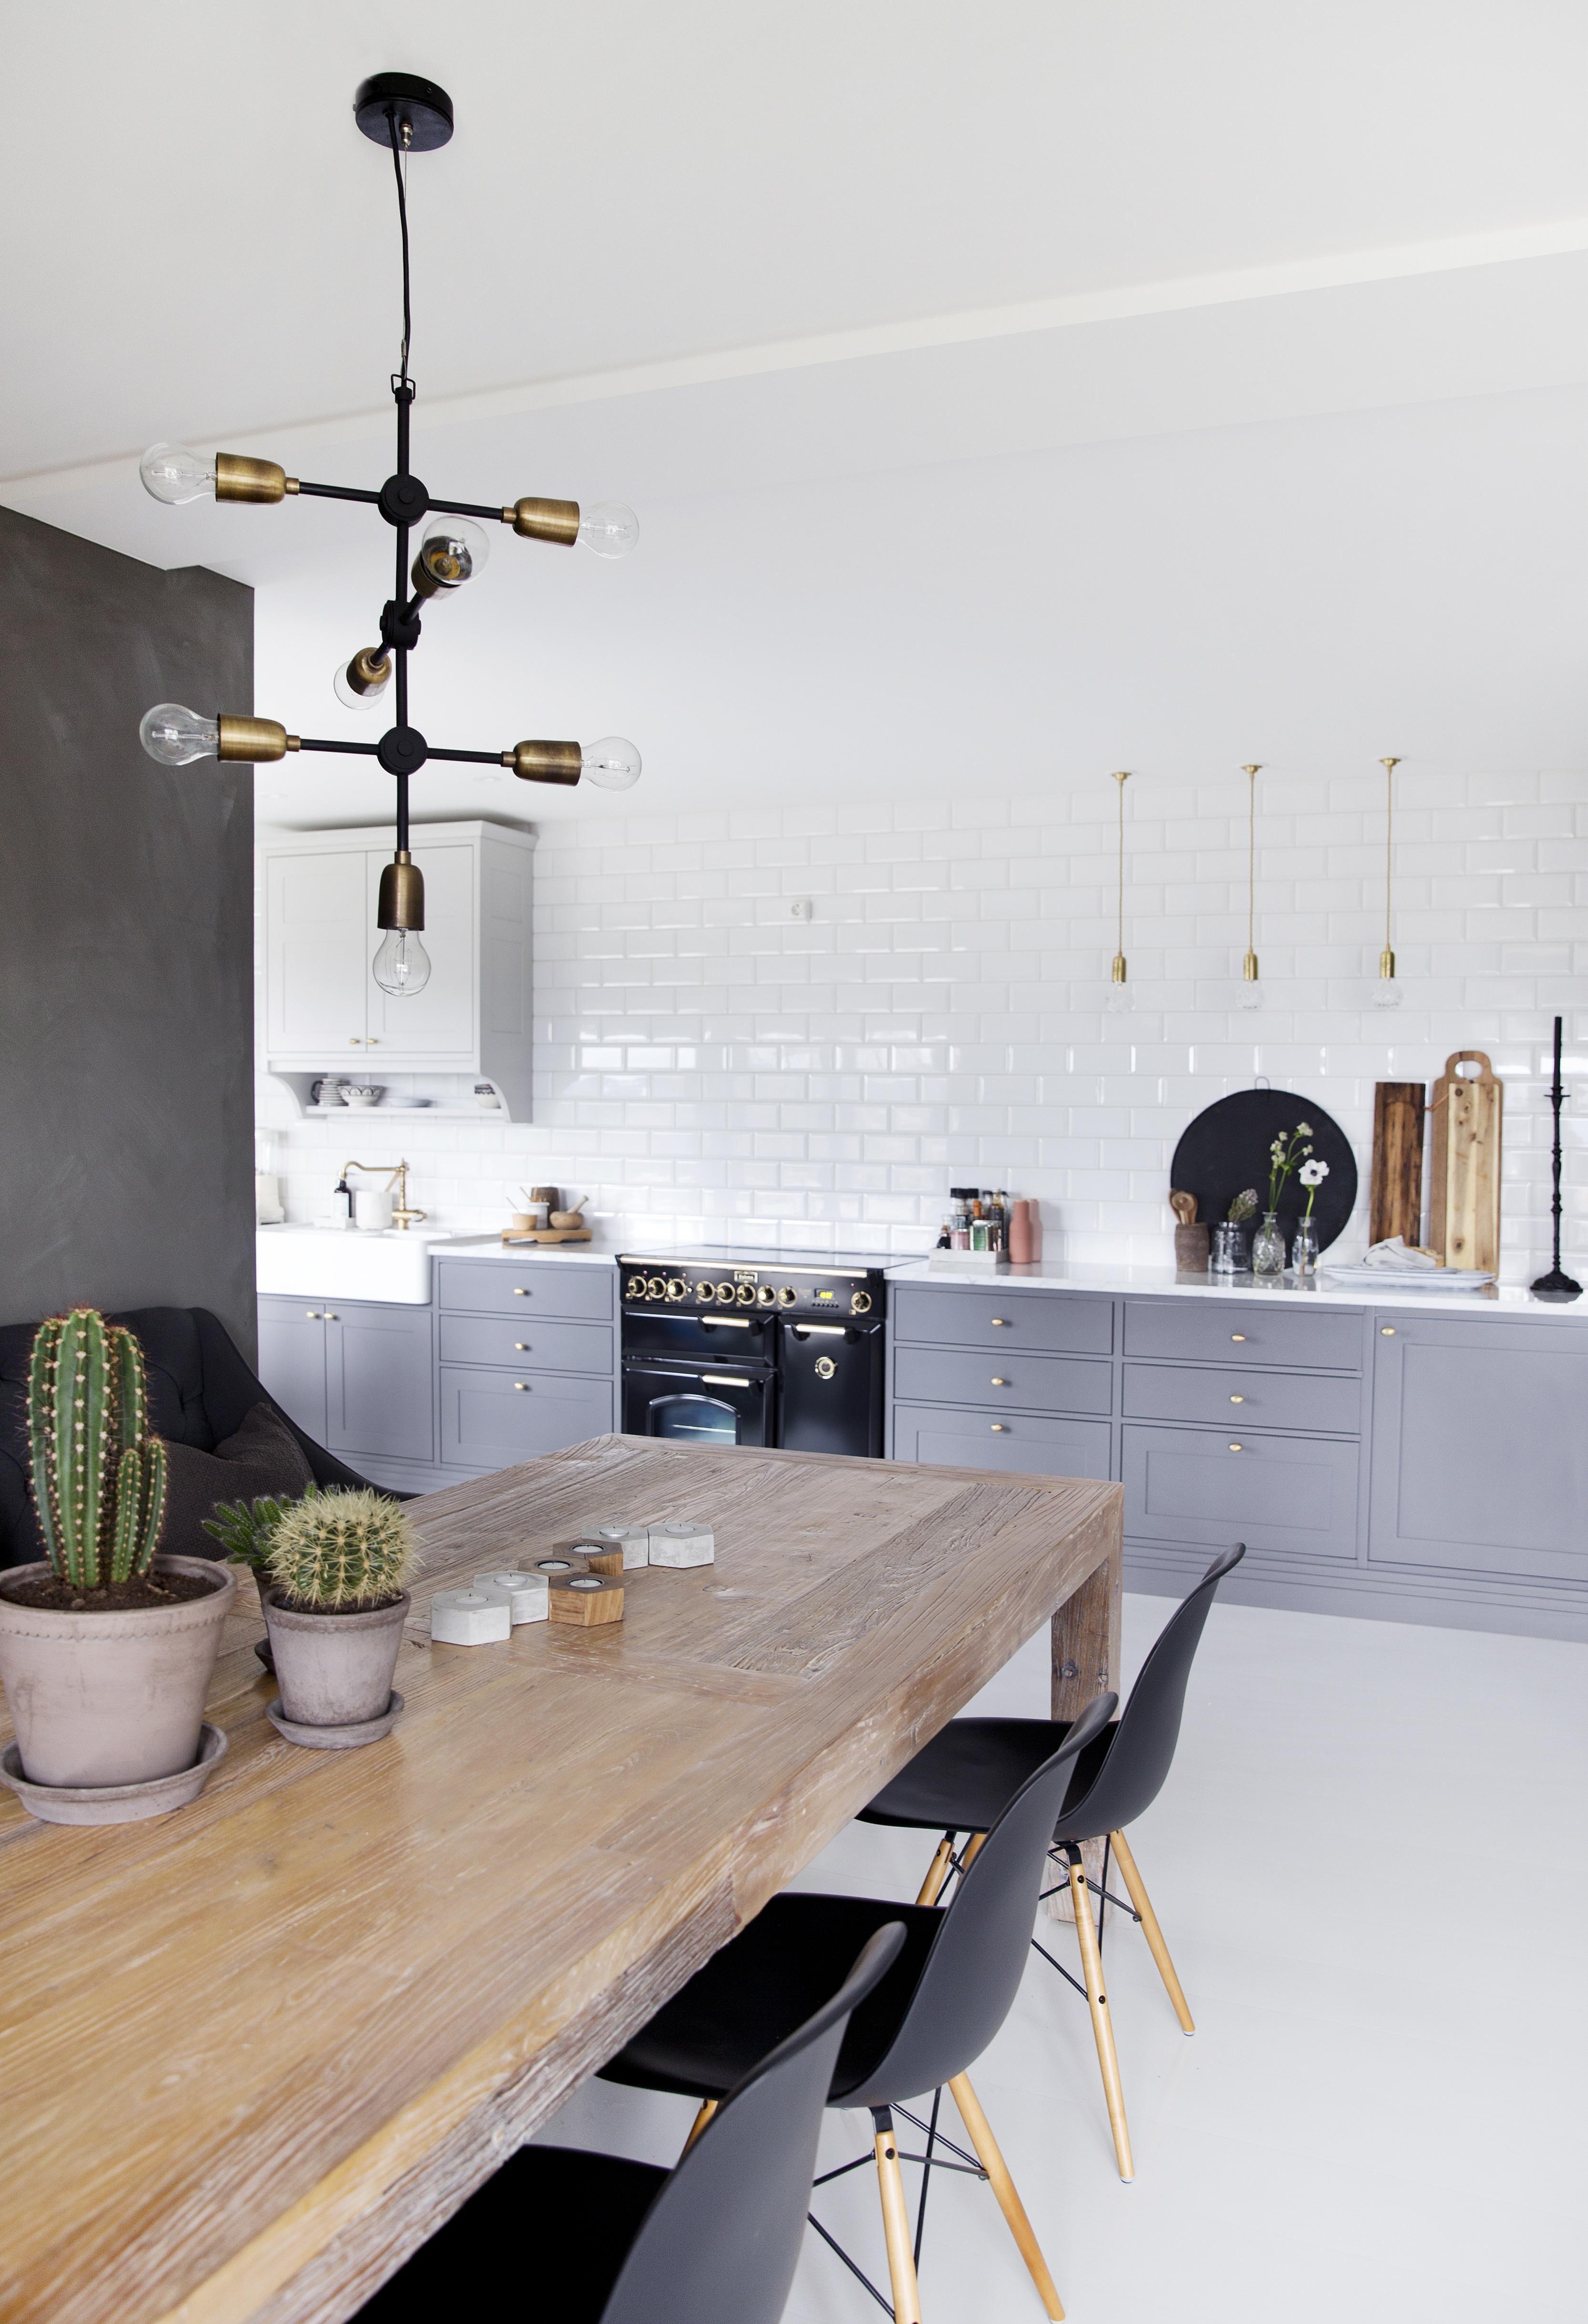 mo kjøkken og interiør